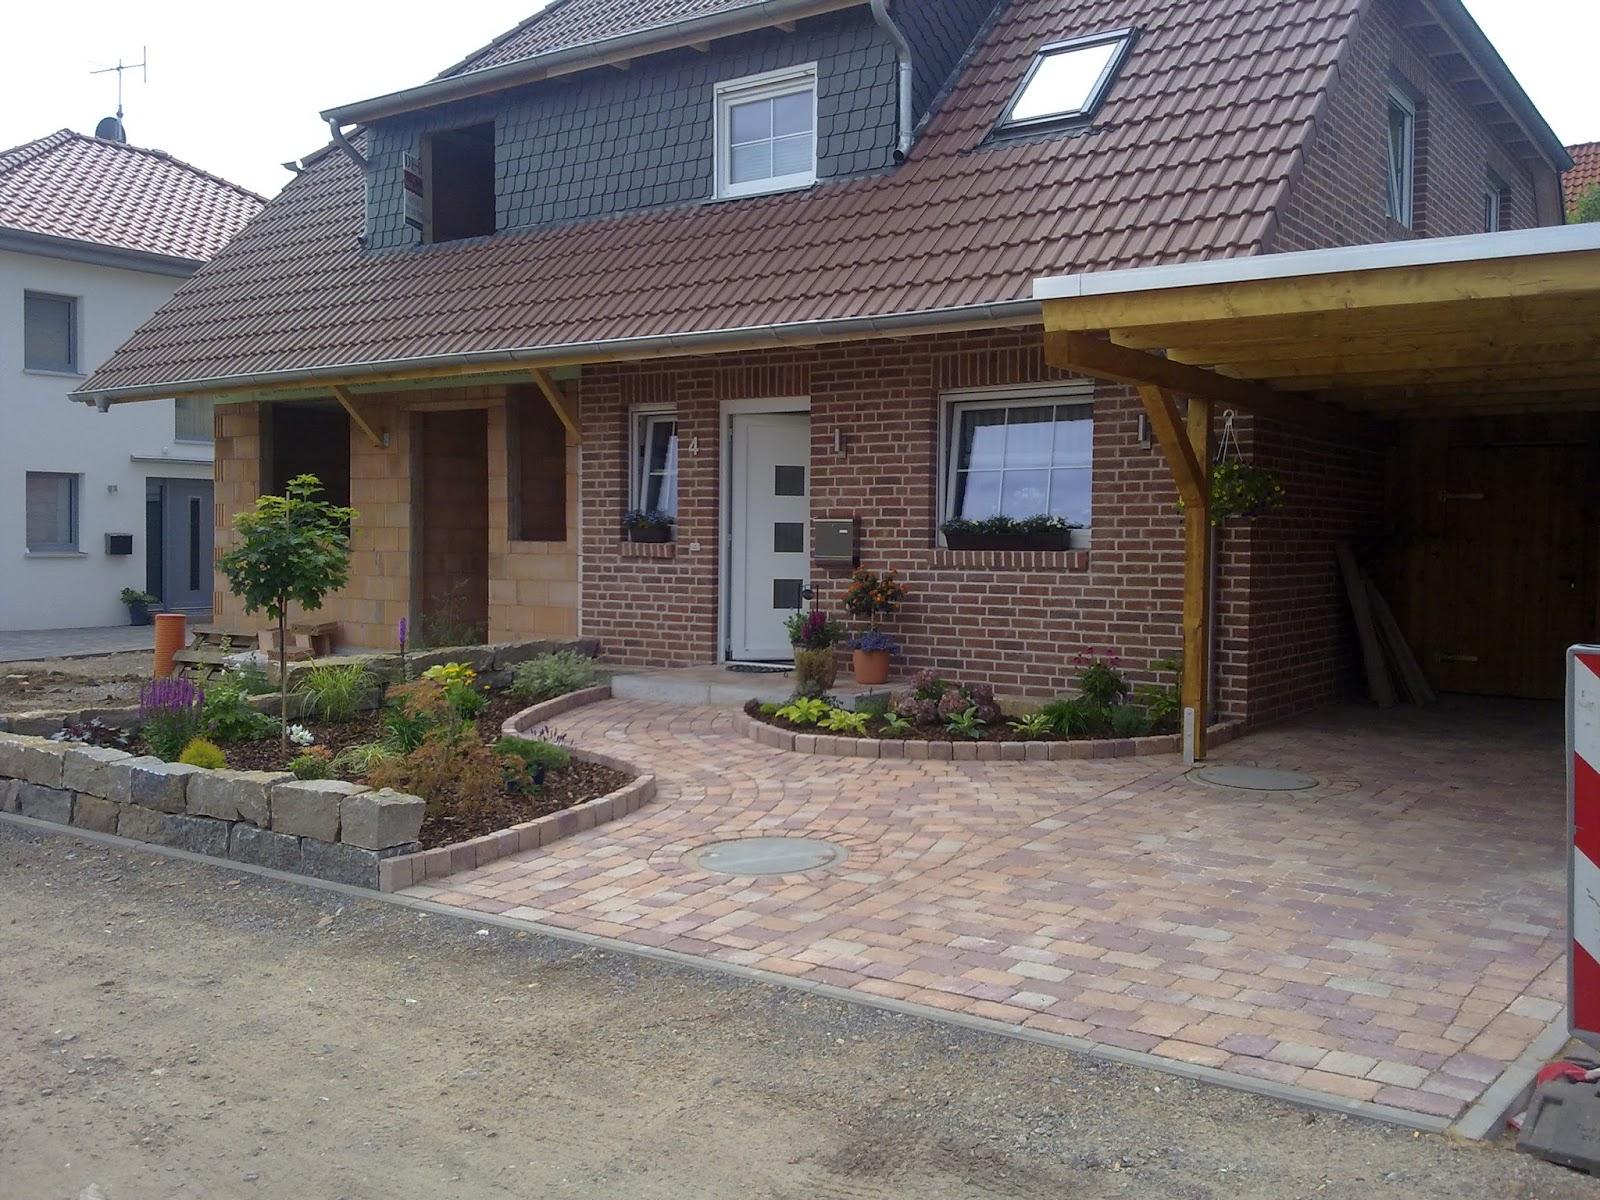 Unser alb traumhaus entsteht vorgarten und doppelhaus - Vorgarten pflastern ...